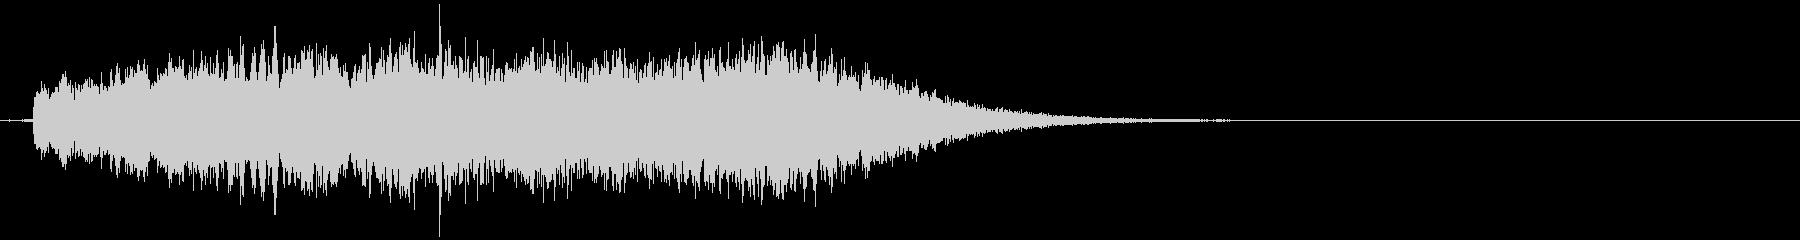 【ホラー】SFX_51 絶望の声の未再生の波形